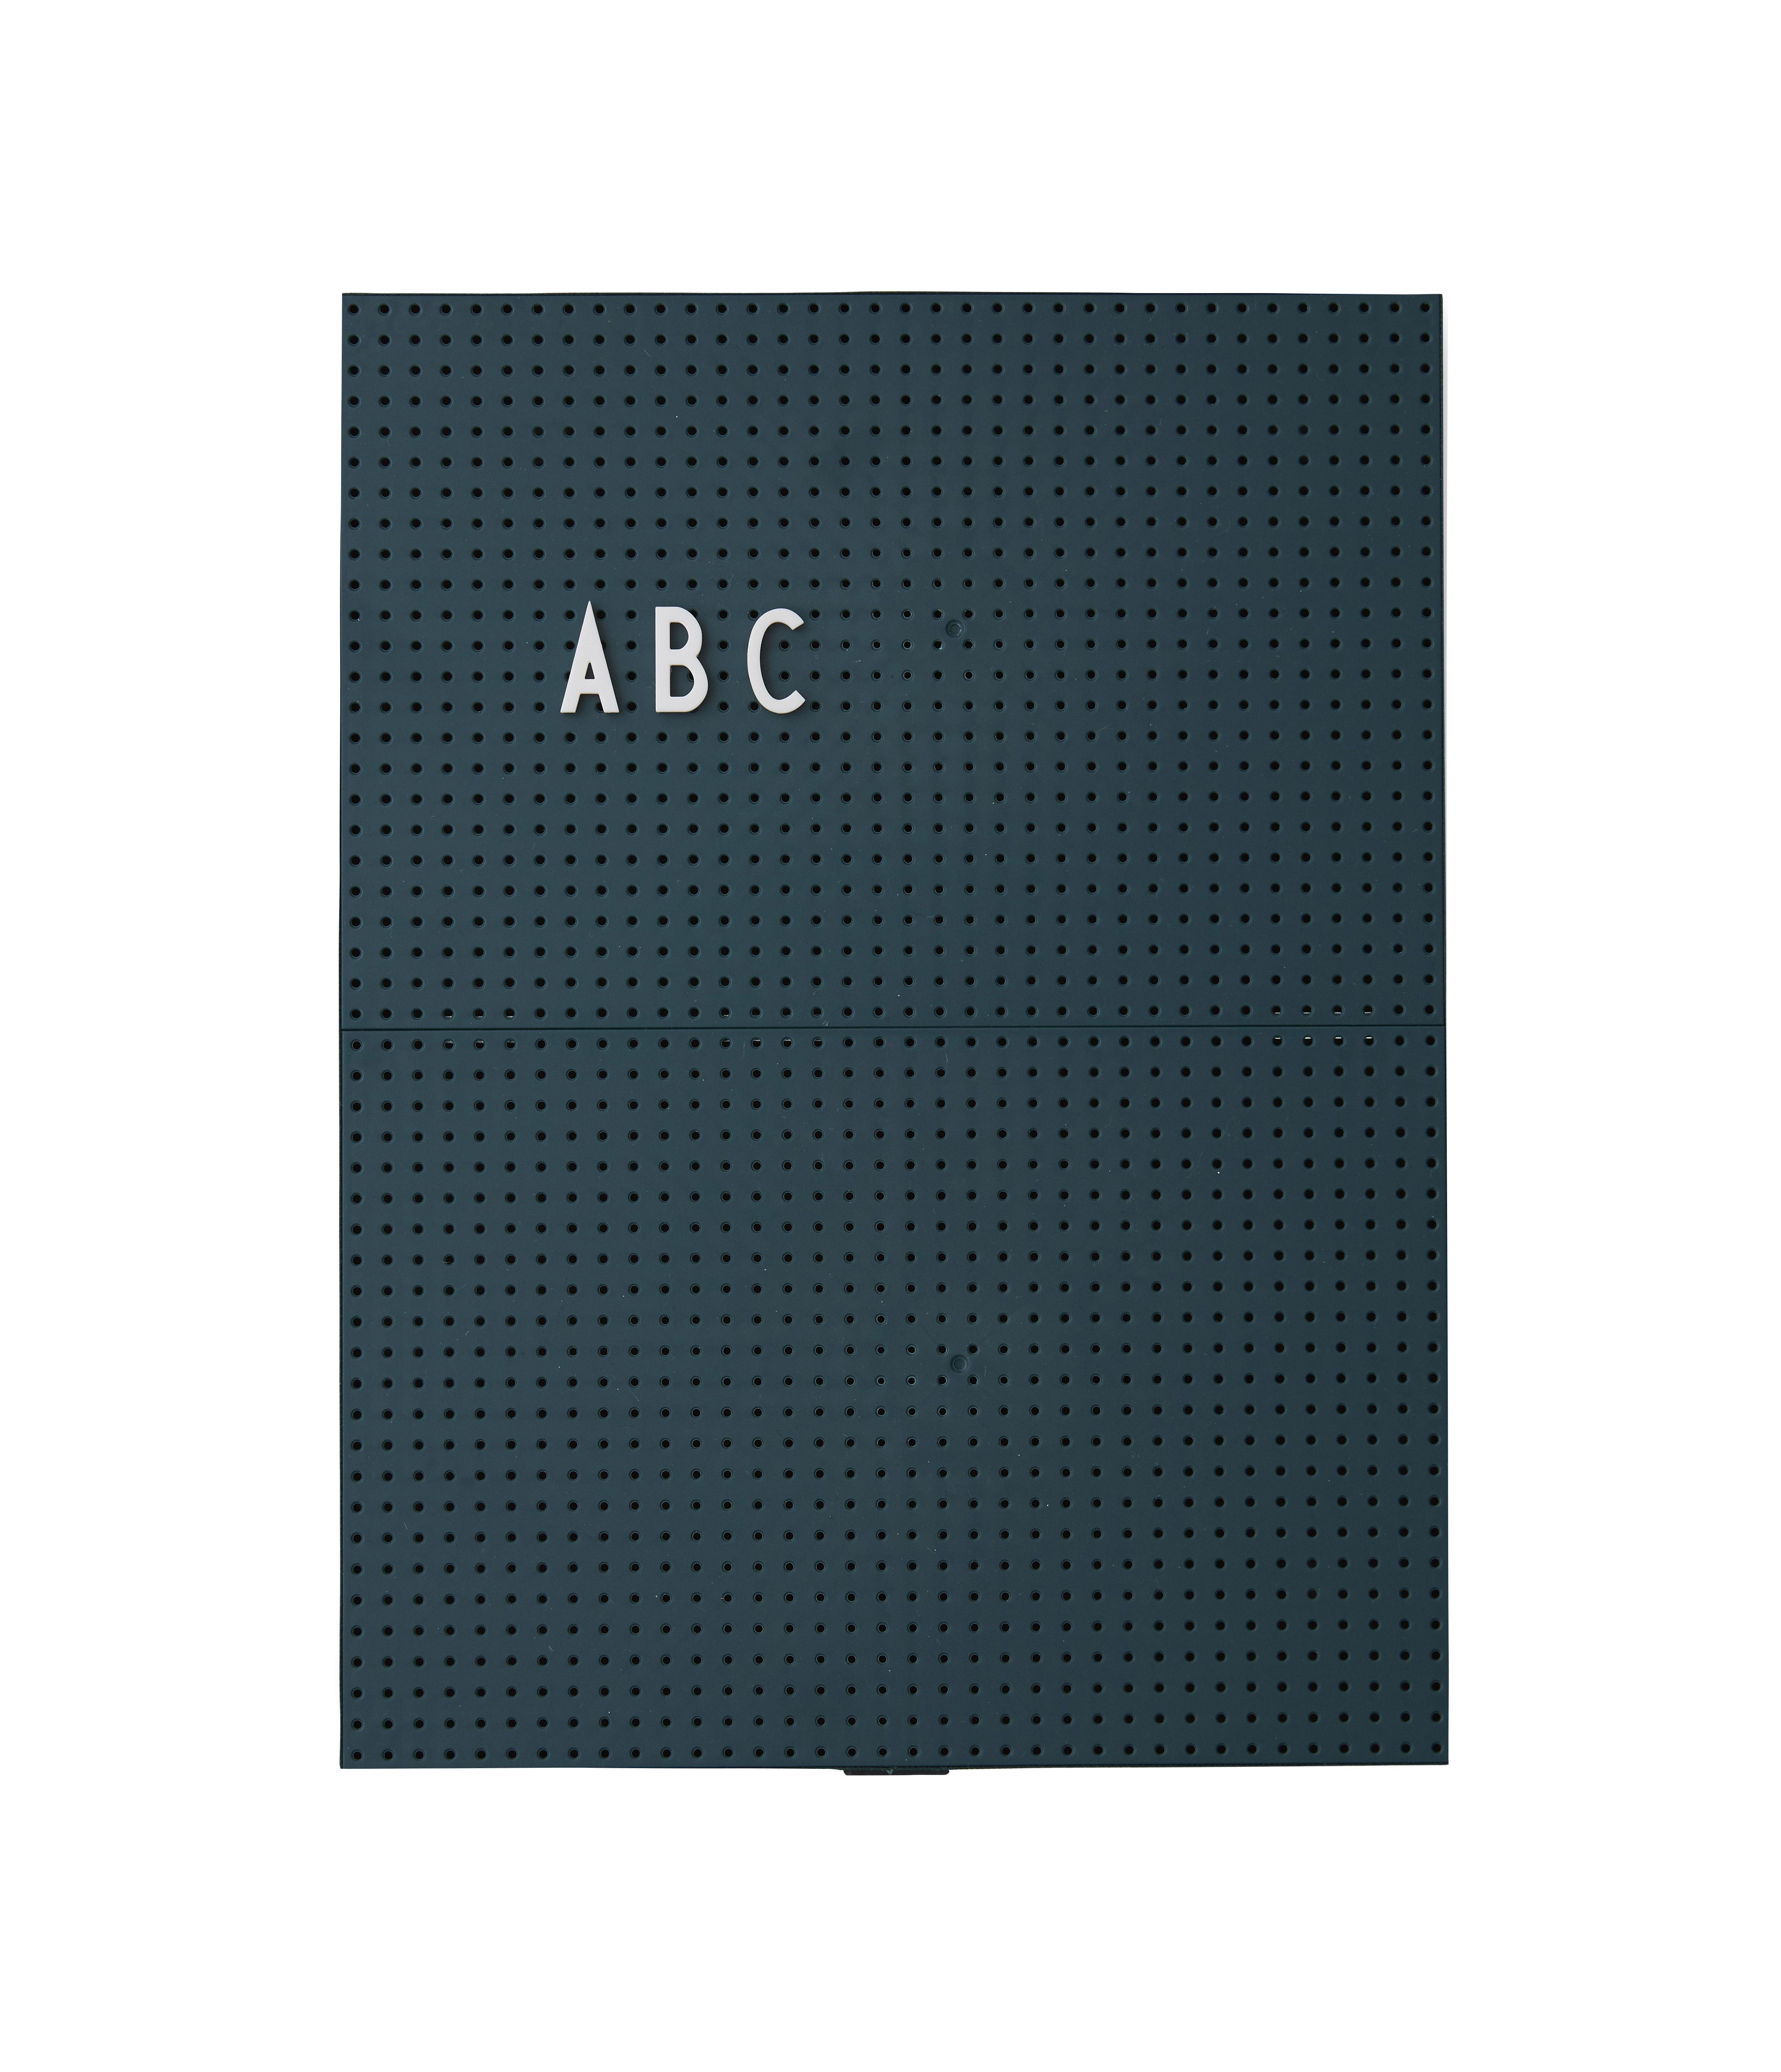 Decoration - Memo Boards & Calendars  - A4 Memo board - / L 21 x H 30 cm by Design Letters - Dark green - ABS